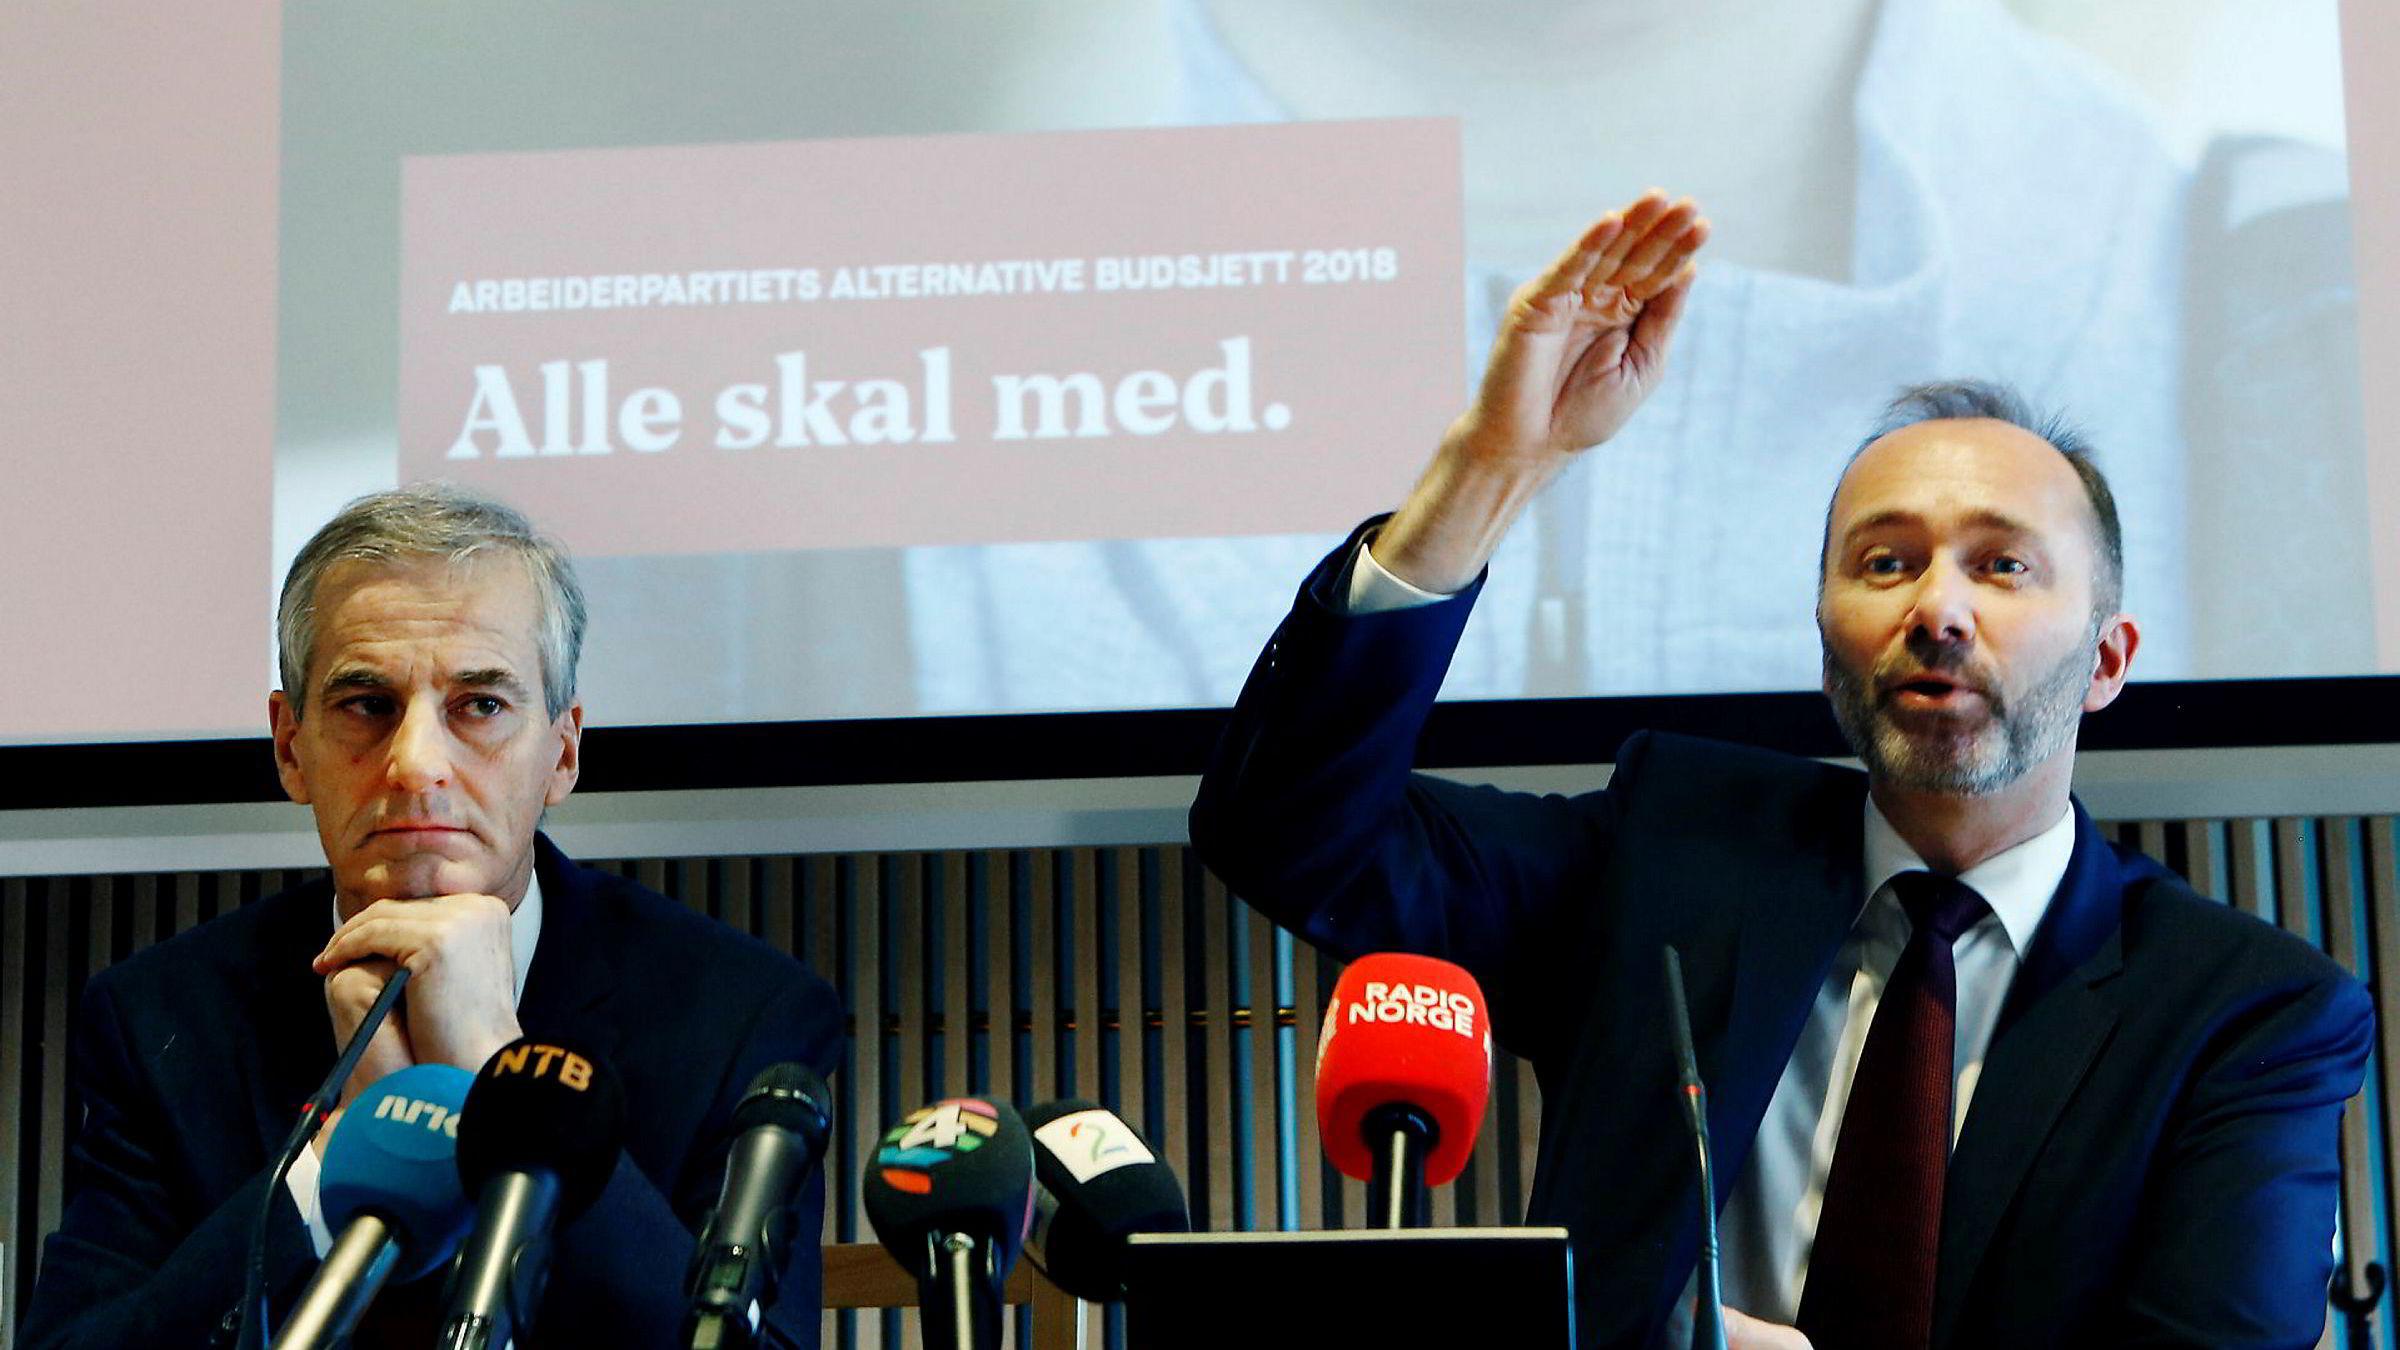 Ap-leder Jonas Gahr Støre mener alle -skal med på stortingsgruppens sommerfest. Her fra en pressekonferanse i november da Trond Giske (til høyre) fremdeles var nestleder og finanspolitisk talsperson. Kristin Svorte